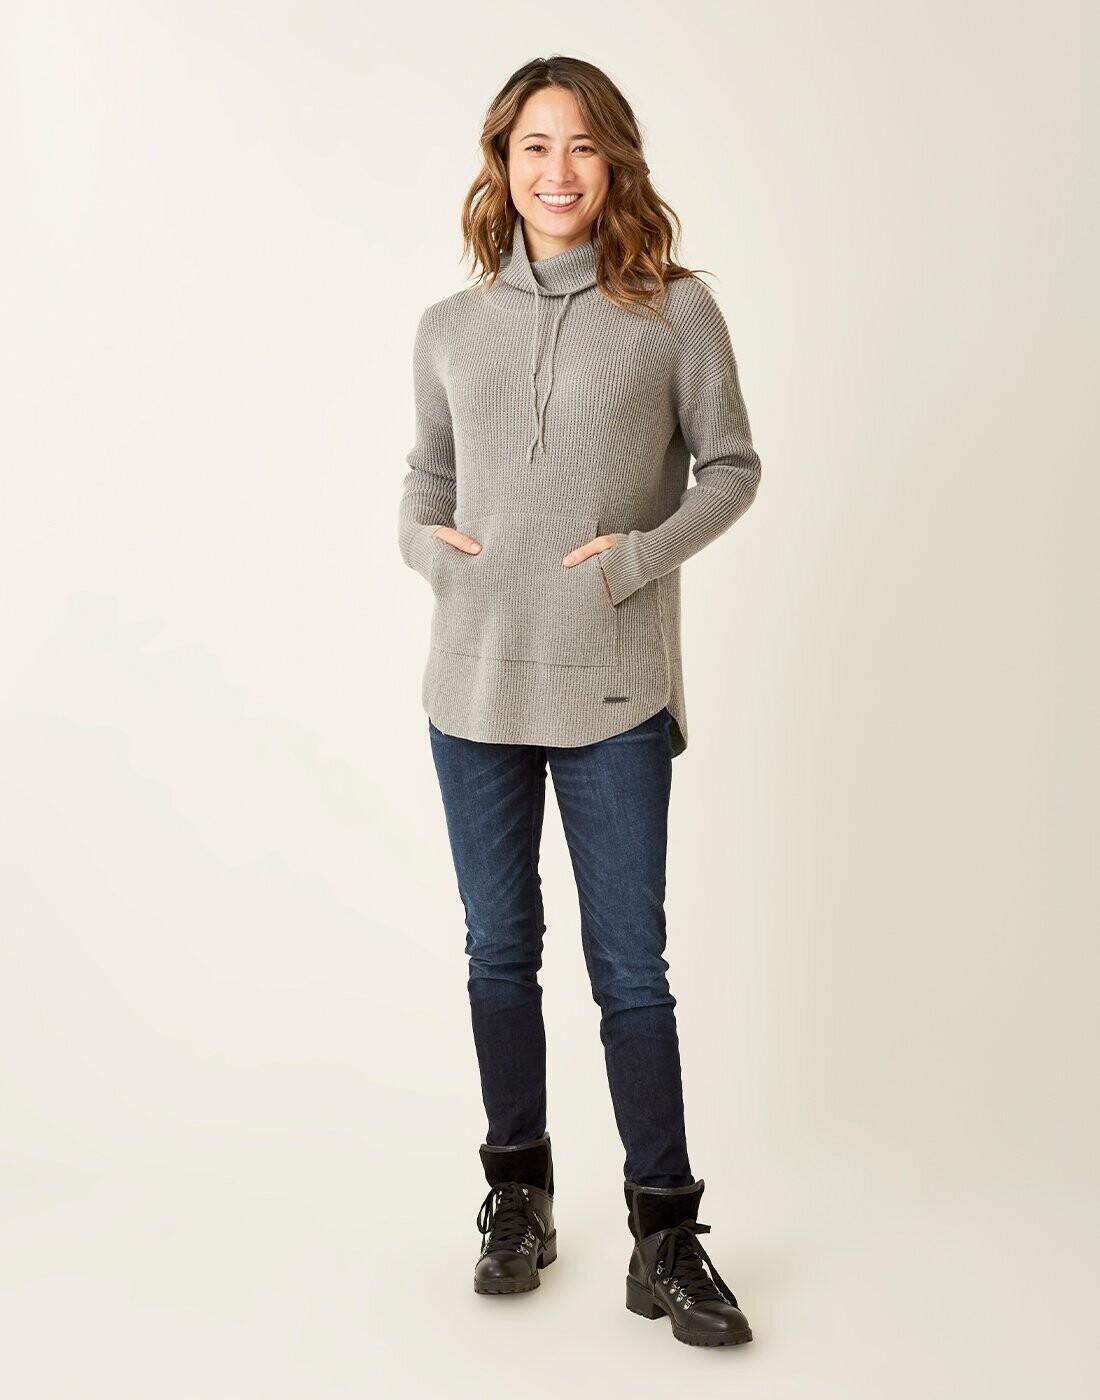 Carve Designs, Rockvale Sweater, Pewter Heather